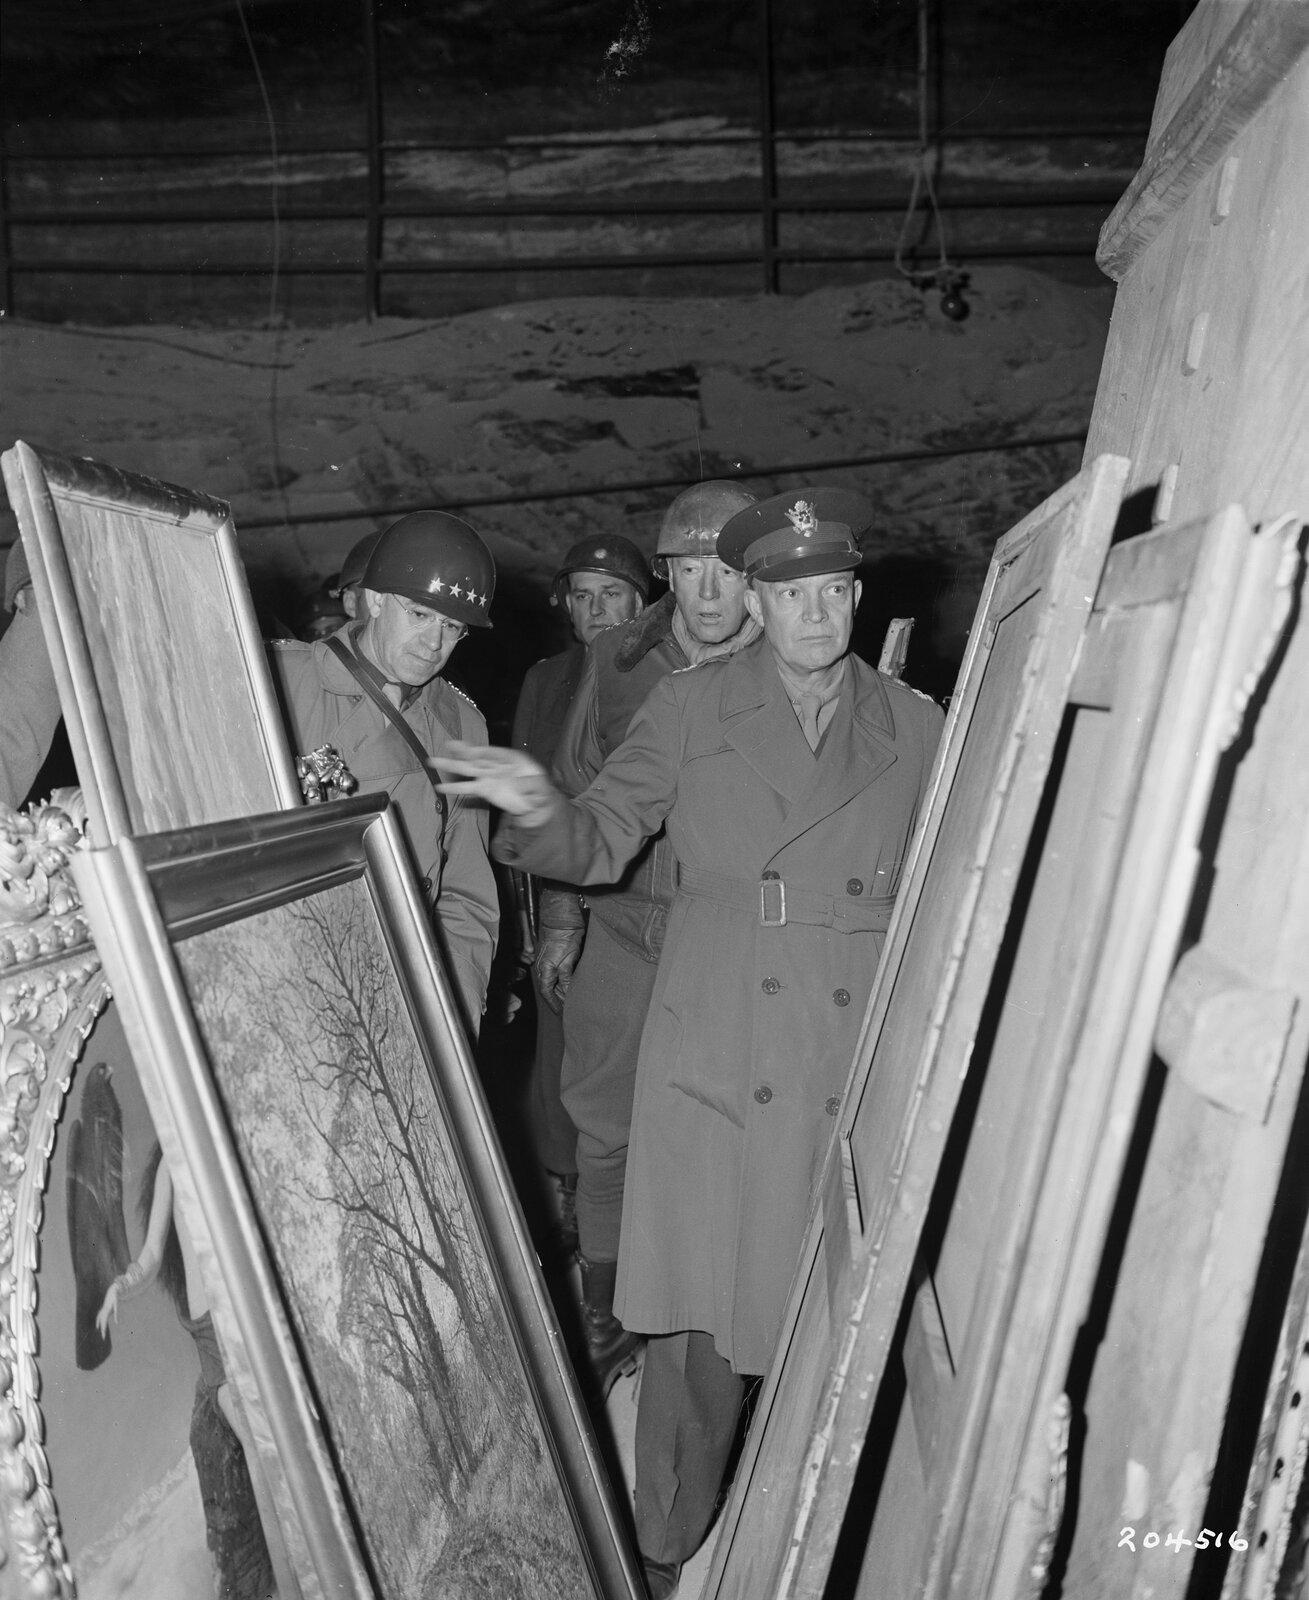 Amerykańskidowódca Dwight Eisenhower przeprowadza inspekcję wmagazynie rzeczy zagrabionych przez III Rzeszę Amerykańskidowódca Dwight Eisenhower przeprowadza inspekcję wmagazynie rzeczy zagrabionych przez III Rzeszę Źródło: domena publiczna.